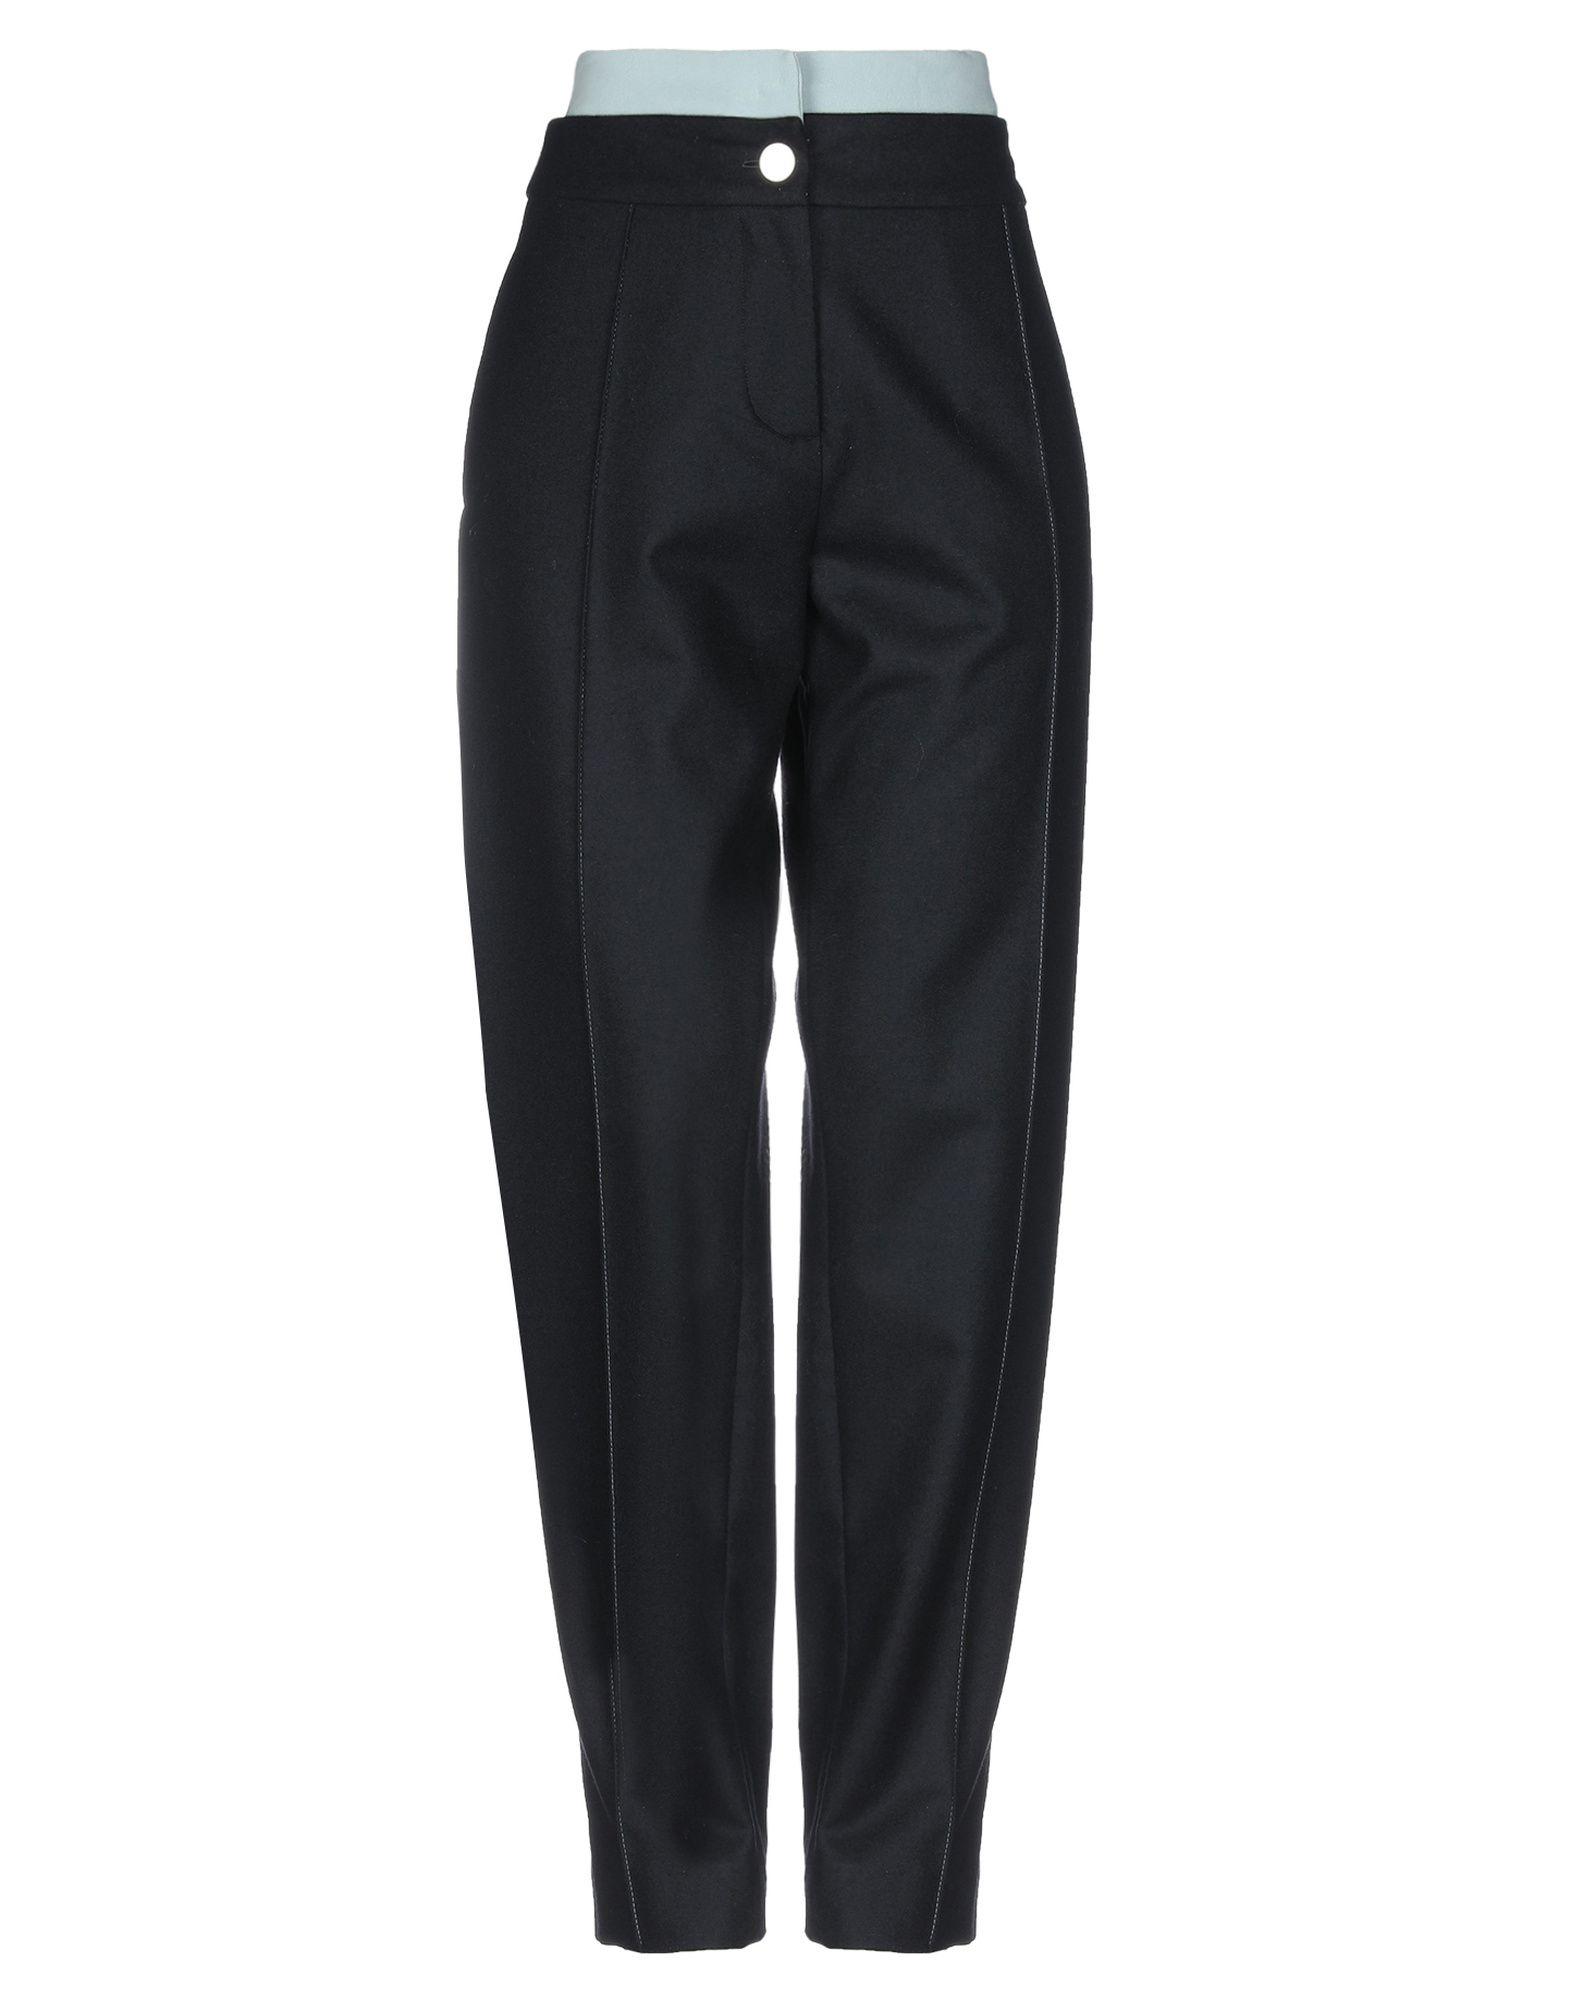 《期間限定セール中》LA PRESTIC OUISTON レディース パンツ ブラック 1 ウール 100% / アセテート / ナイロン / ポリウレタン